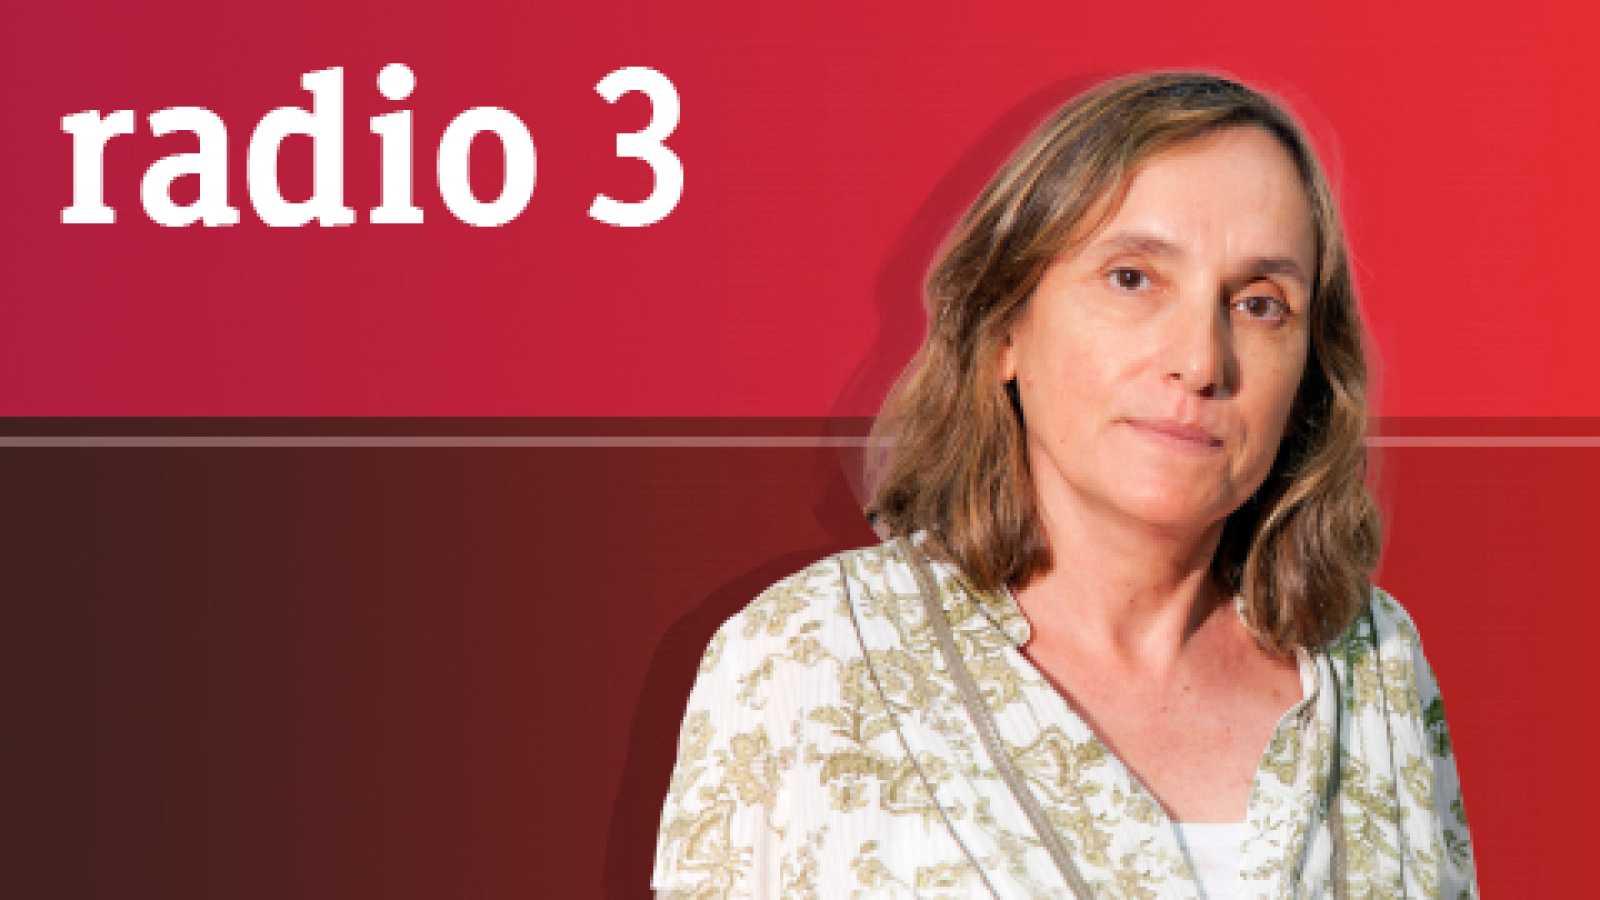 Tres en la carretera - Cine independiente español - 24/01/15 - escuchar ahora